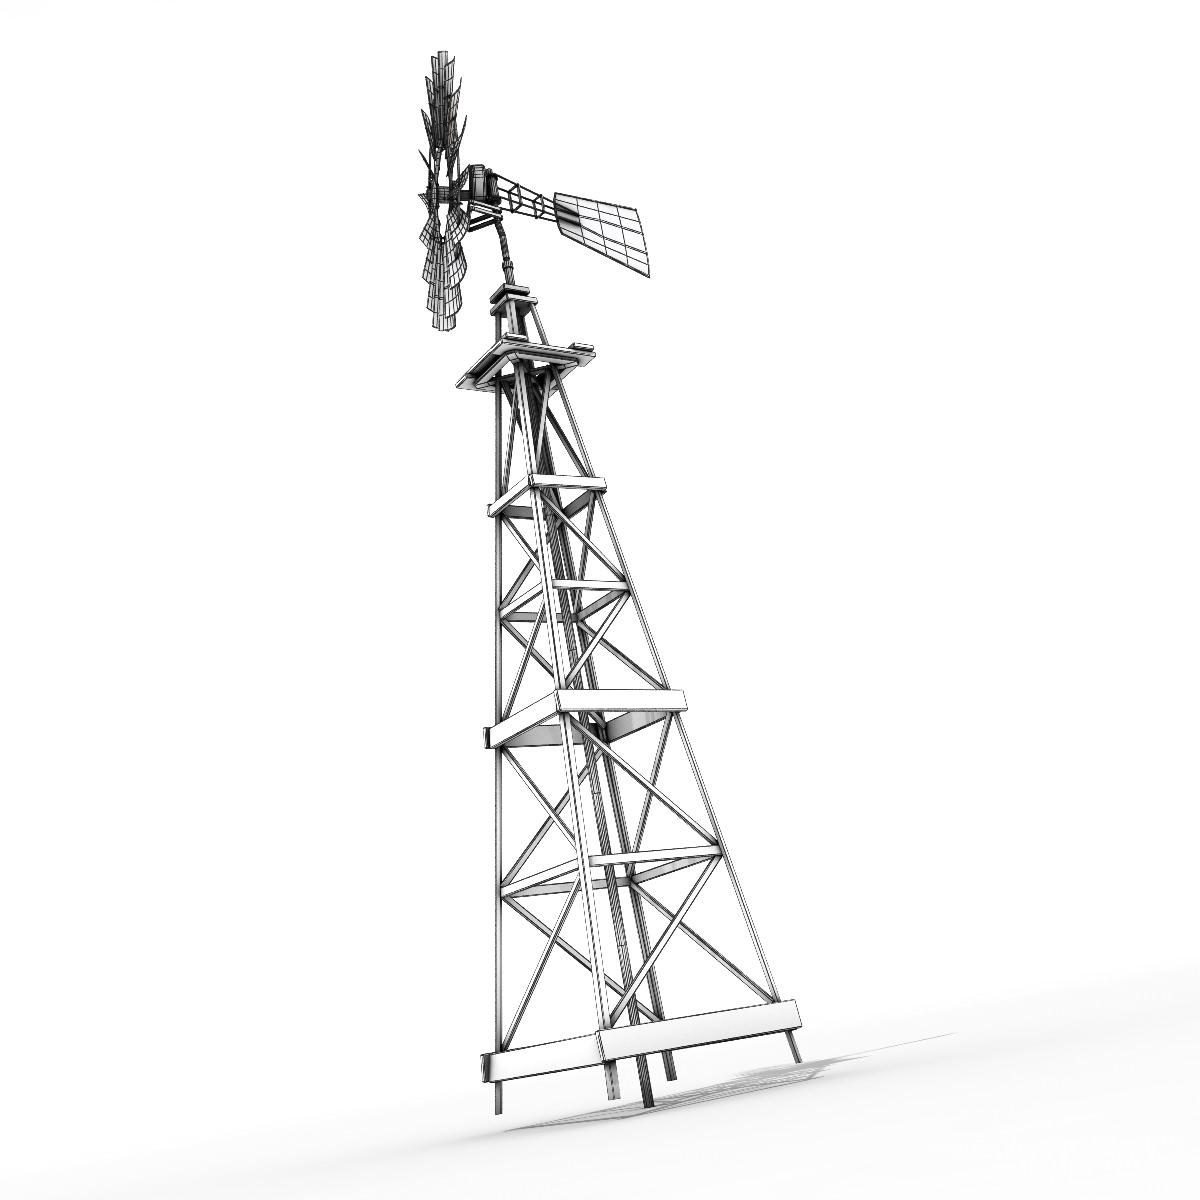 3d Model Windmill Vr Ar Low Poly Max Obj Fbx Lwo Lw